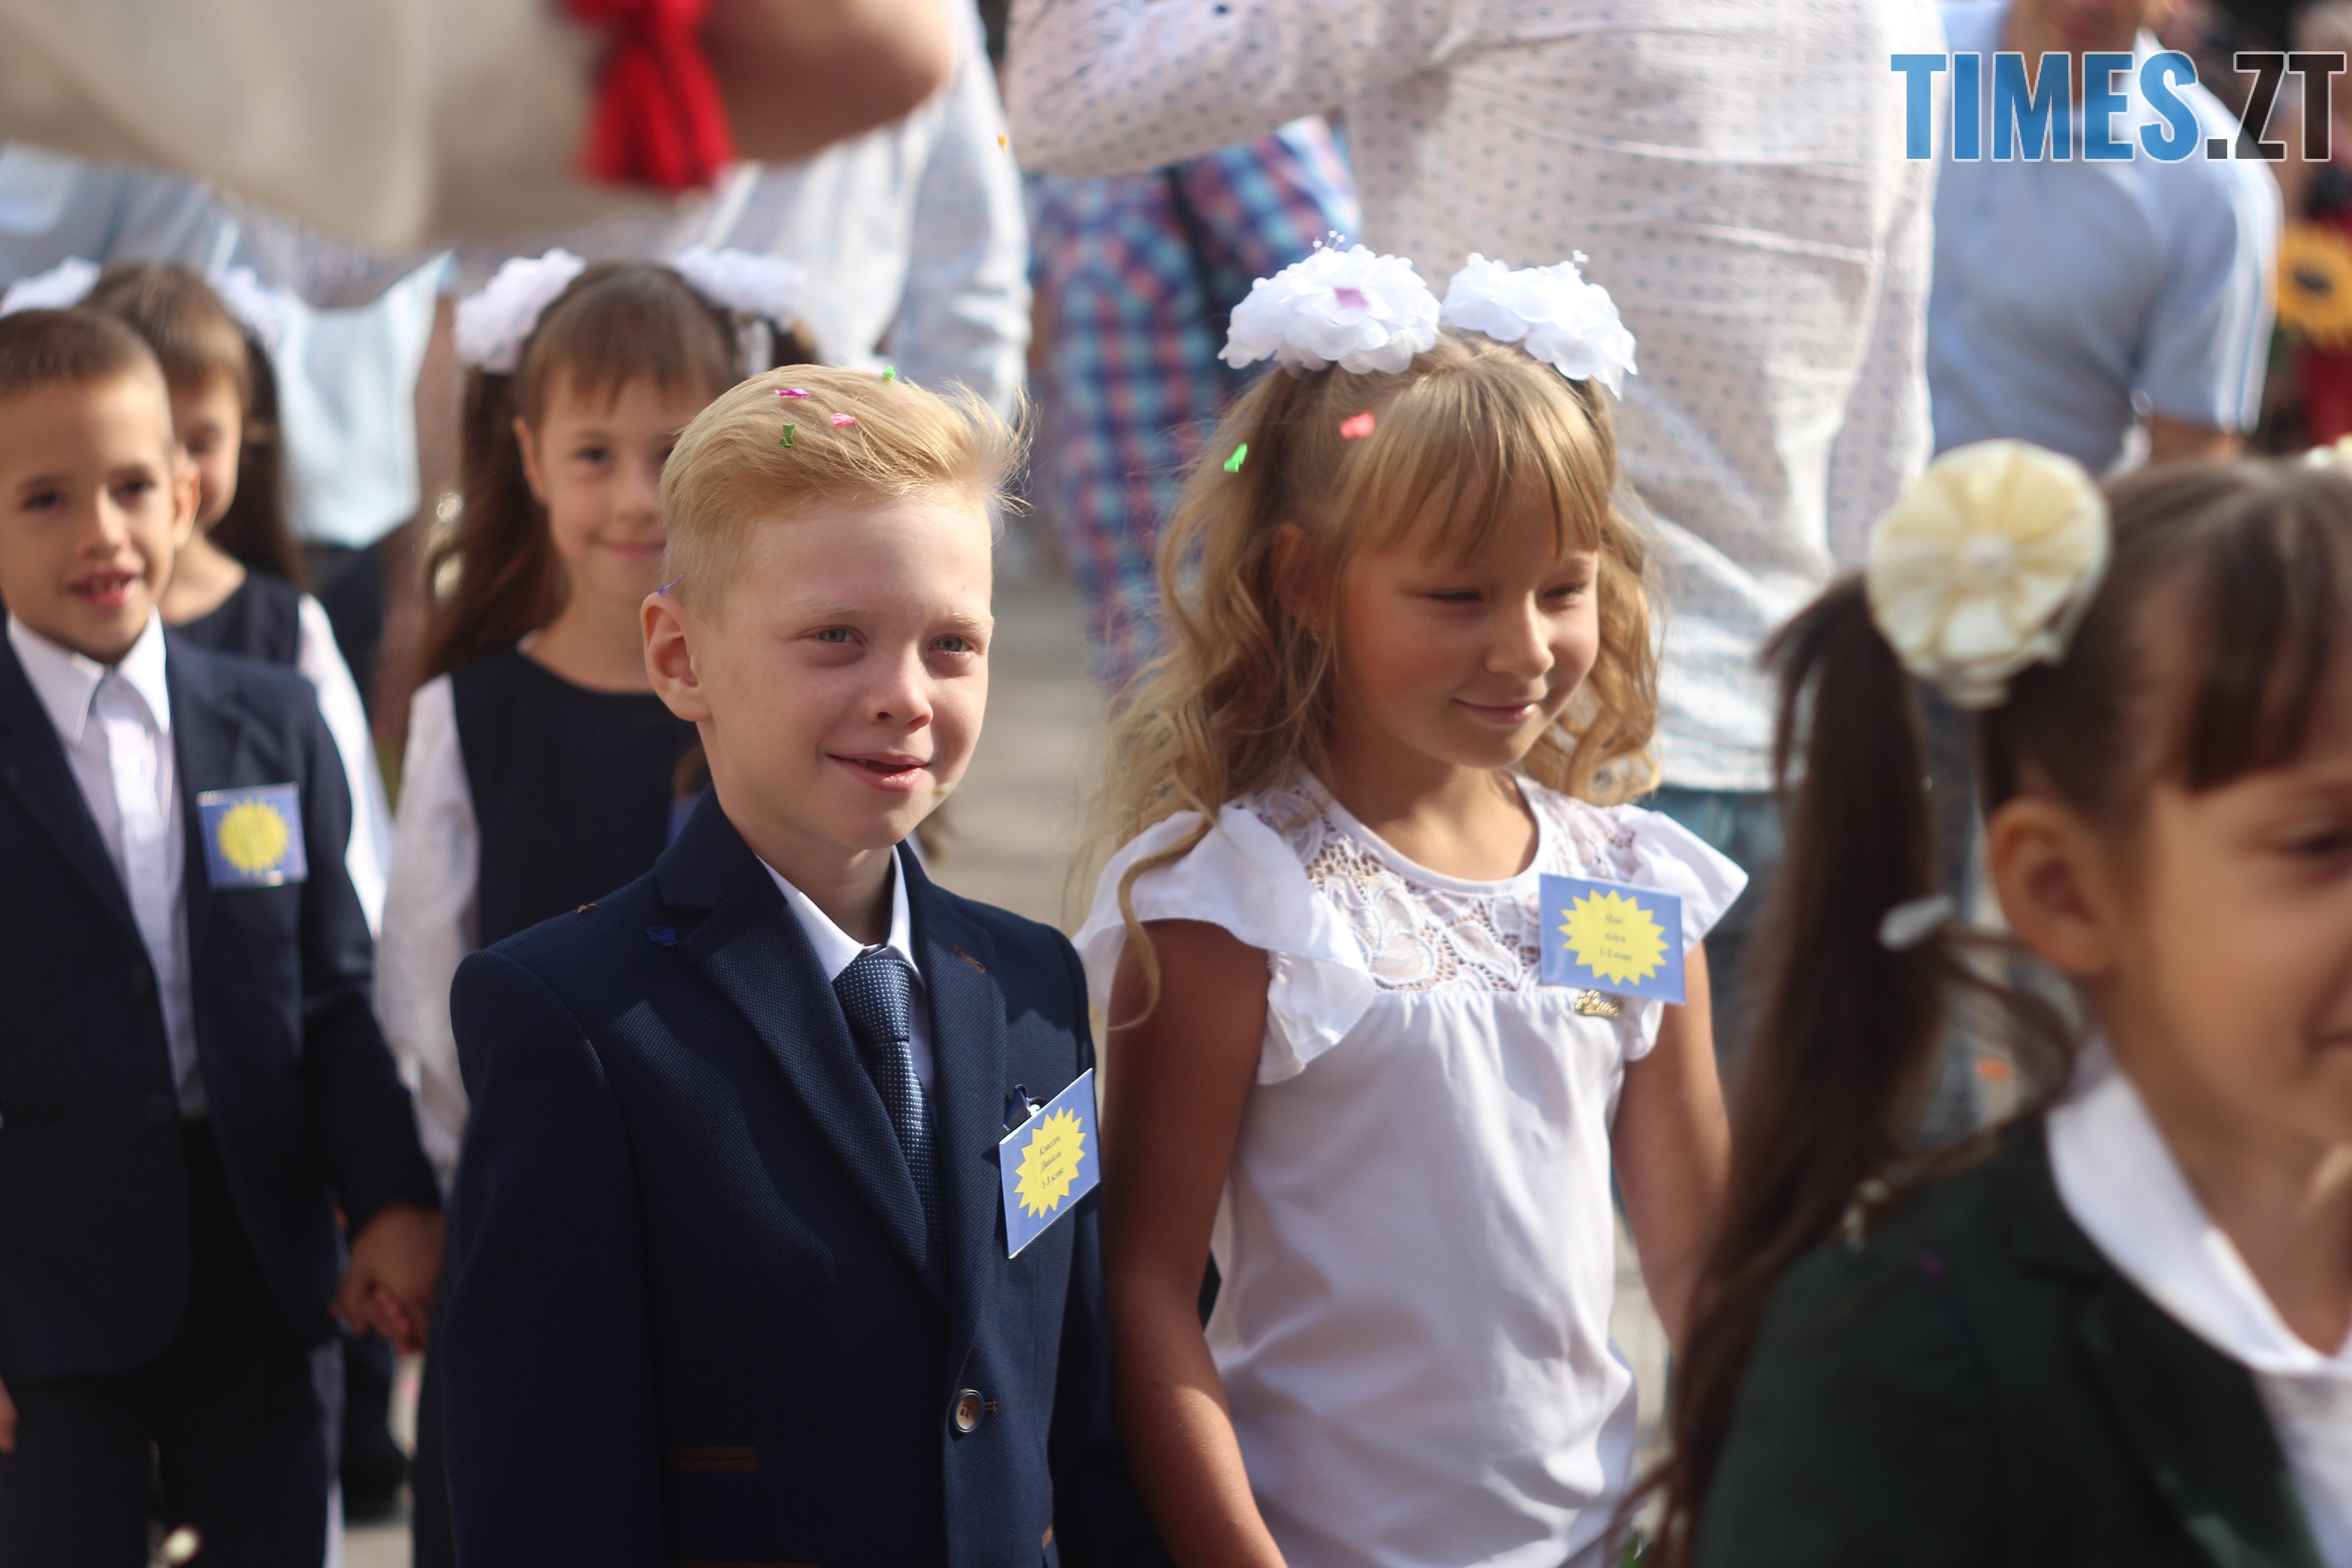 IMG 8845 - Майже 4 тисячі житомирських першокласників навчатимуться за системою Нової української школи (ФОТОРЕПОРТАЖ)